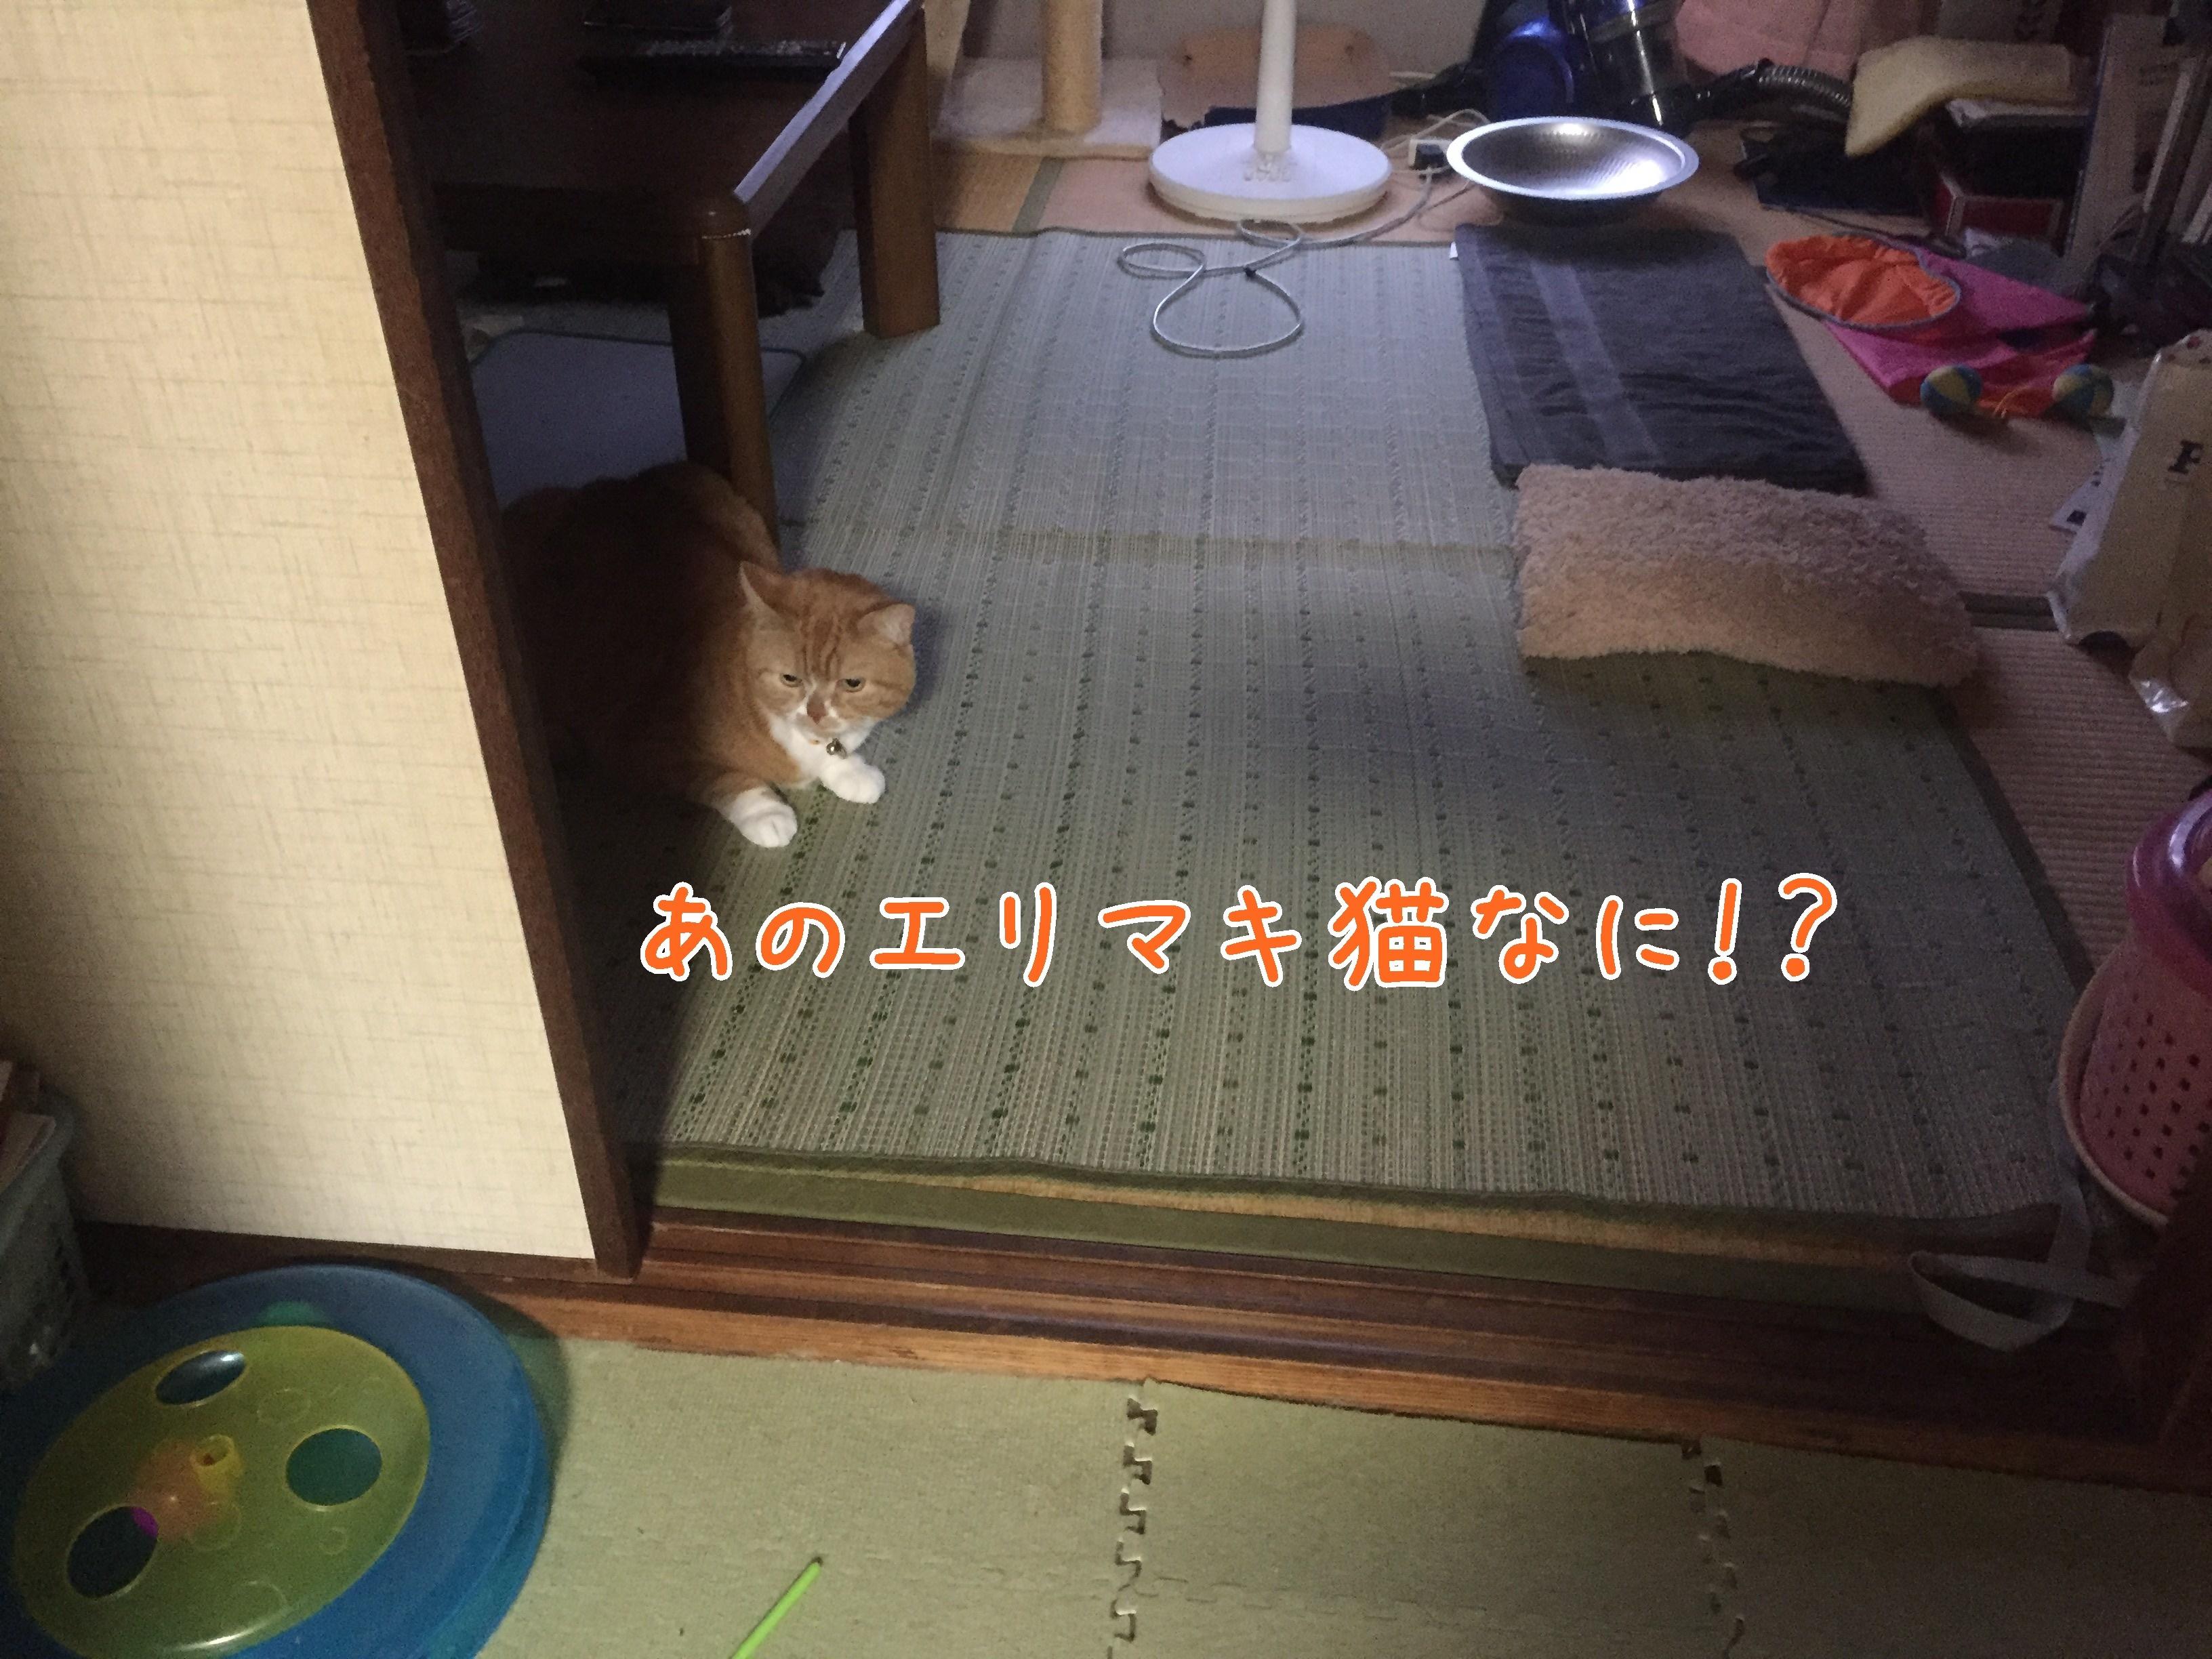 20170610-185904-01.jpg